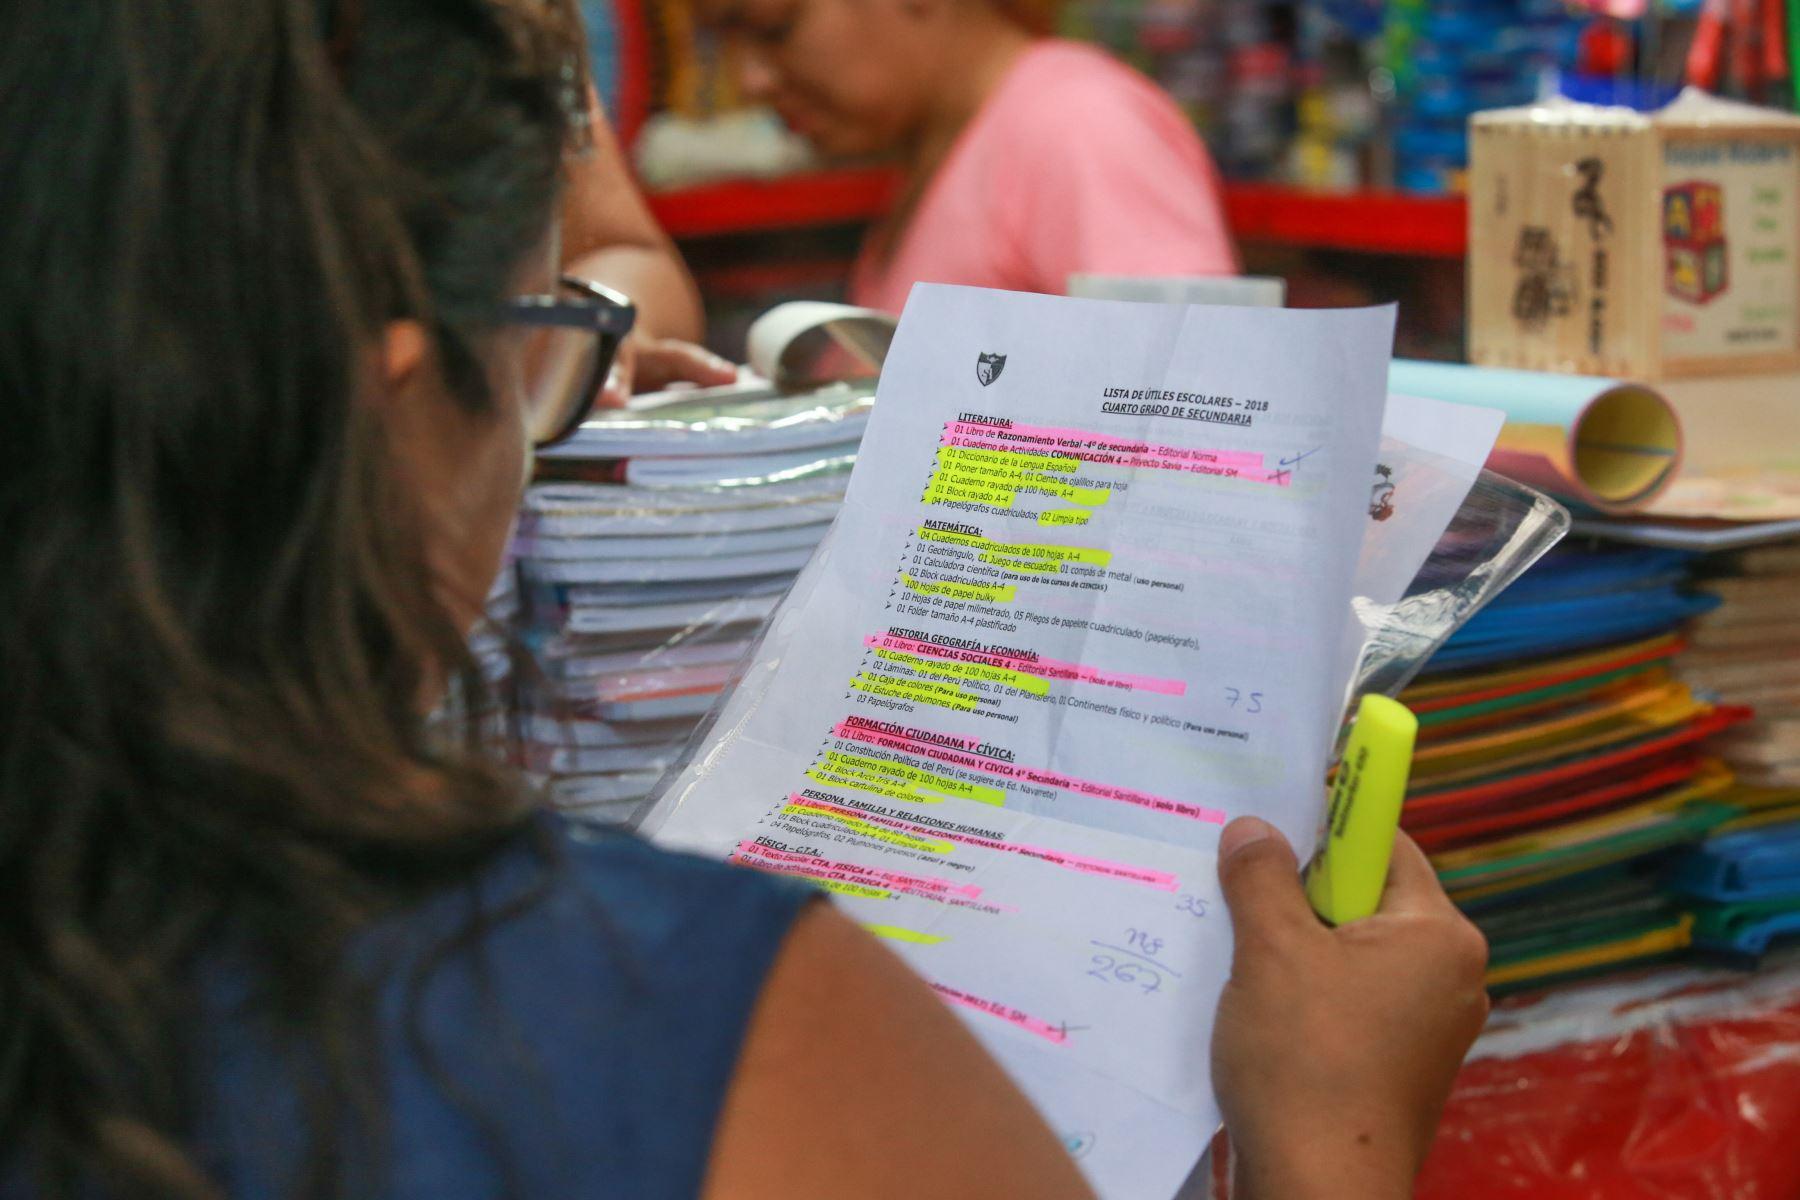 Los padres asisten a Mesa Redonda y Mercado Central con la lista de útiles proporcionada por los colegios donde estudian sus hijos. Foto: ANDINA/ Jhony Laurente